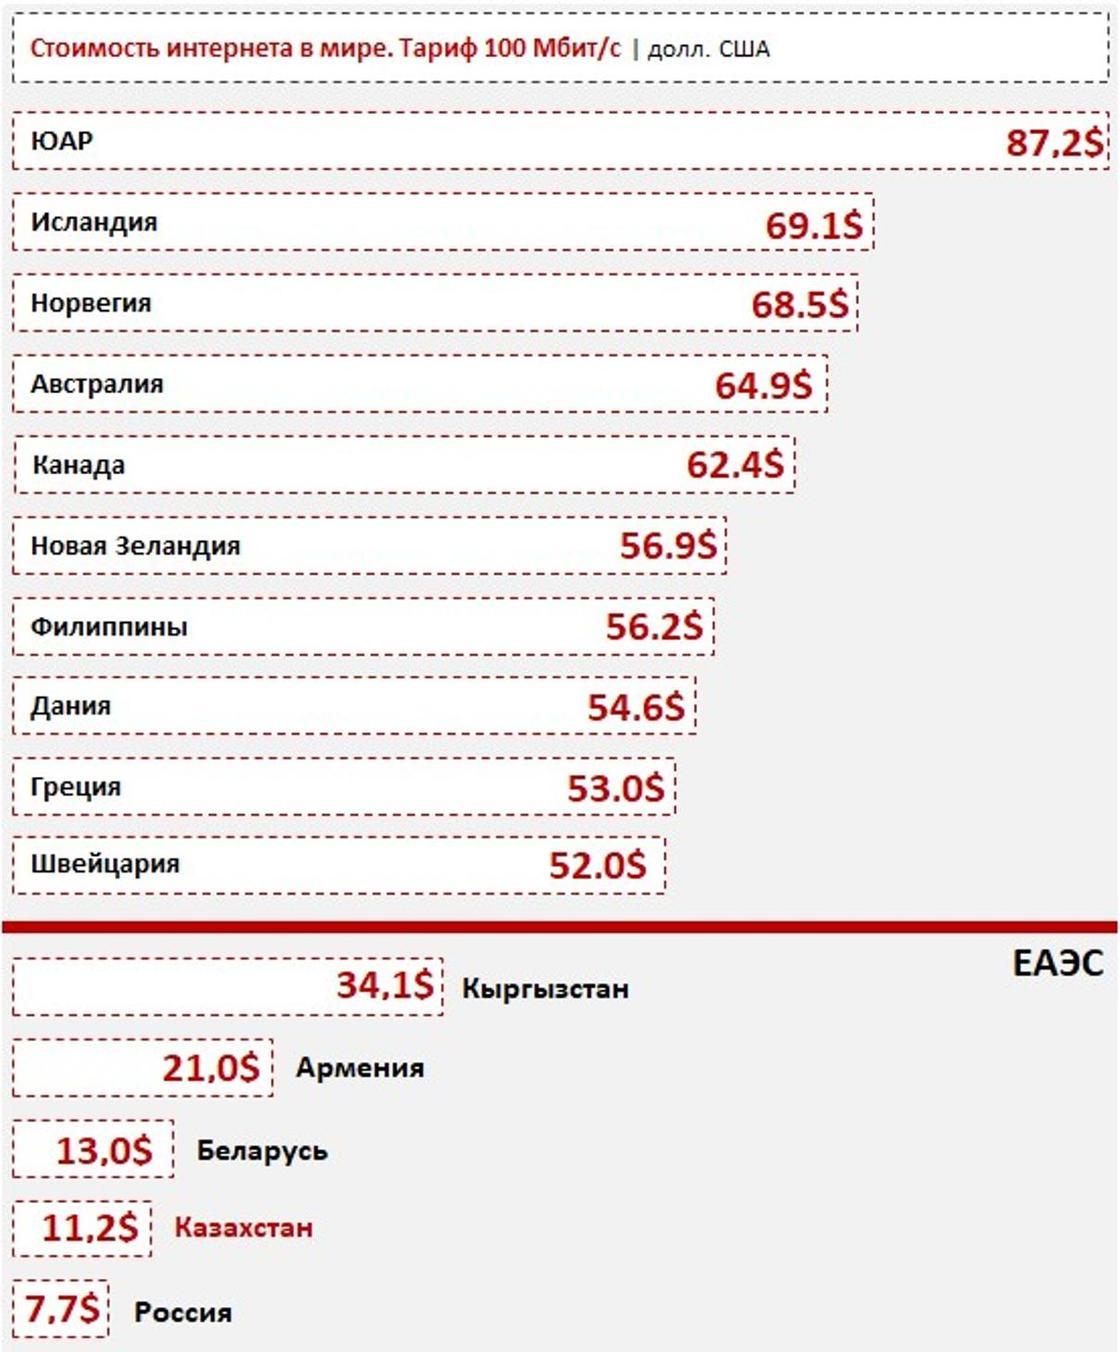 Казахстан вошел в пятерку стран мира с самым дешевым интернетом